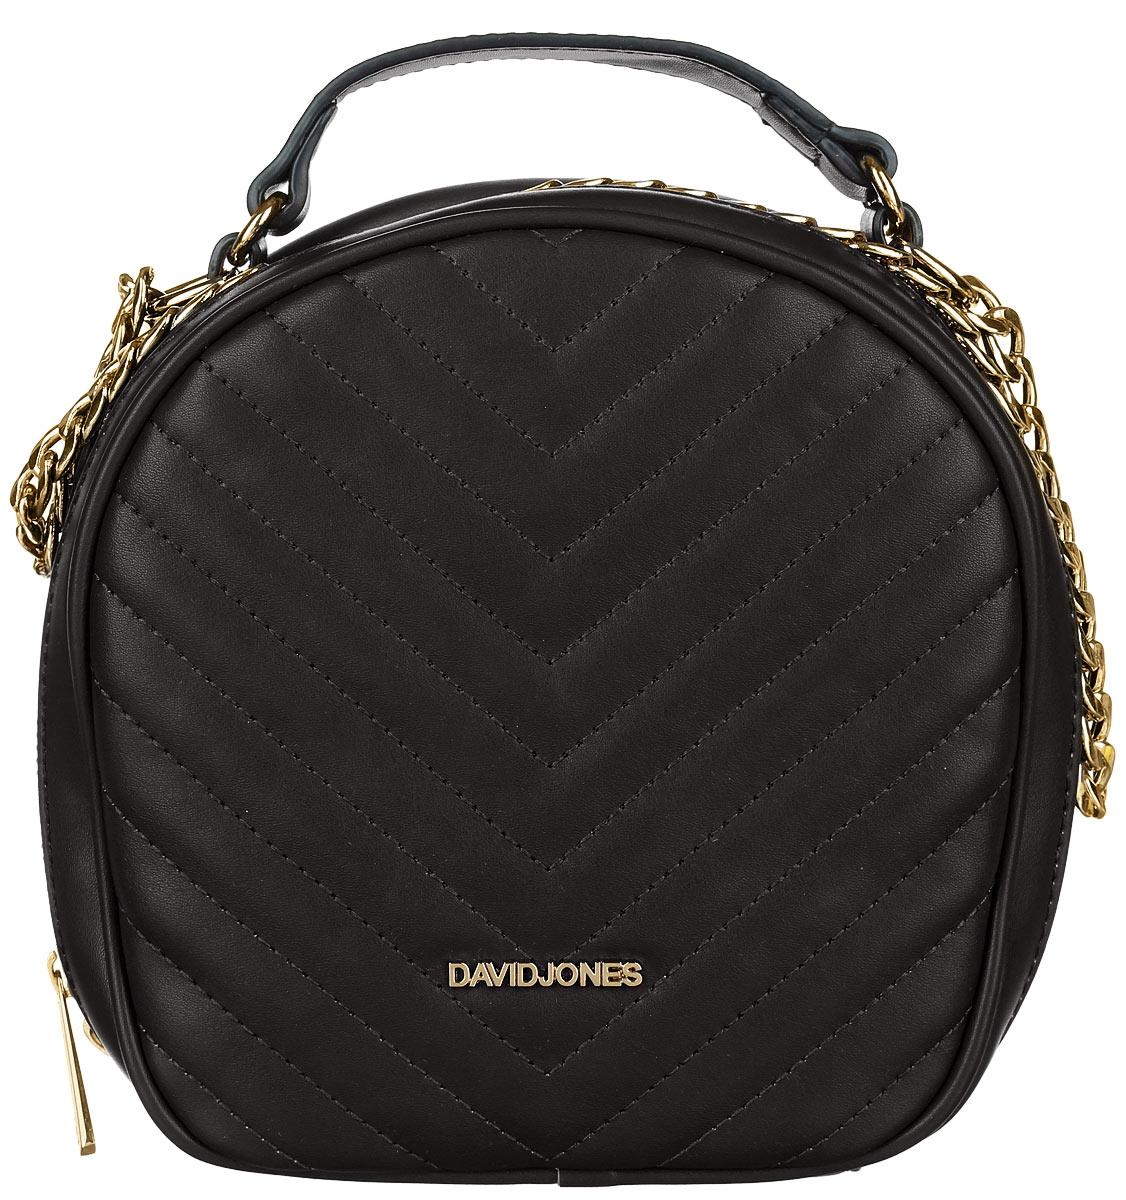 Сумка женская David Jones, цвет: черный. 5001-35001-3 BLACKСтильная женская сумка David Jones, выполненная из искусственной кожи, оформлена с лицевой стороны декоративной стежкой. Изделие имеет одно отделение, закрывающееся на застежку-молнию. Внутри сумки находятся накладной открытый карман и прорезной карман на застежке-молнии. Снаружи, на задней стенке расположен прорезной карман на застежке-молнии. Сумка оснащена плечевым ремнем в виде цепочки и удобной ручкой. В комплект входит съемный регулируемый плечевой ремень и сумка-чехол для хранения. Модная сумка идеально подчеркнет ваш неповторимый стиль.